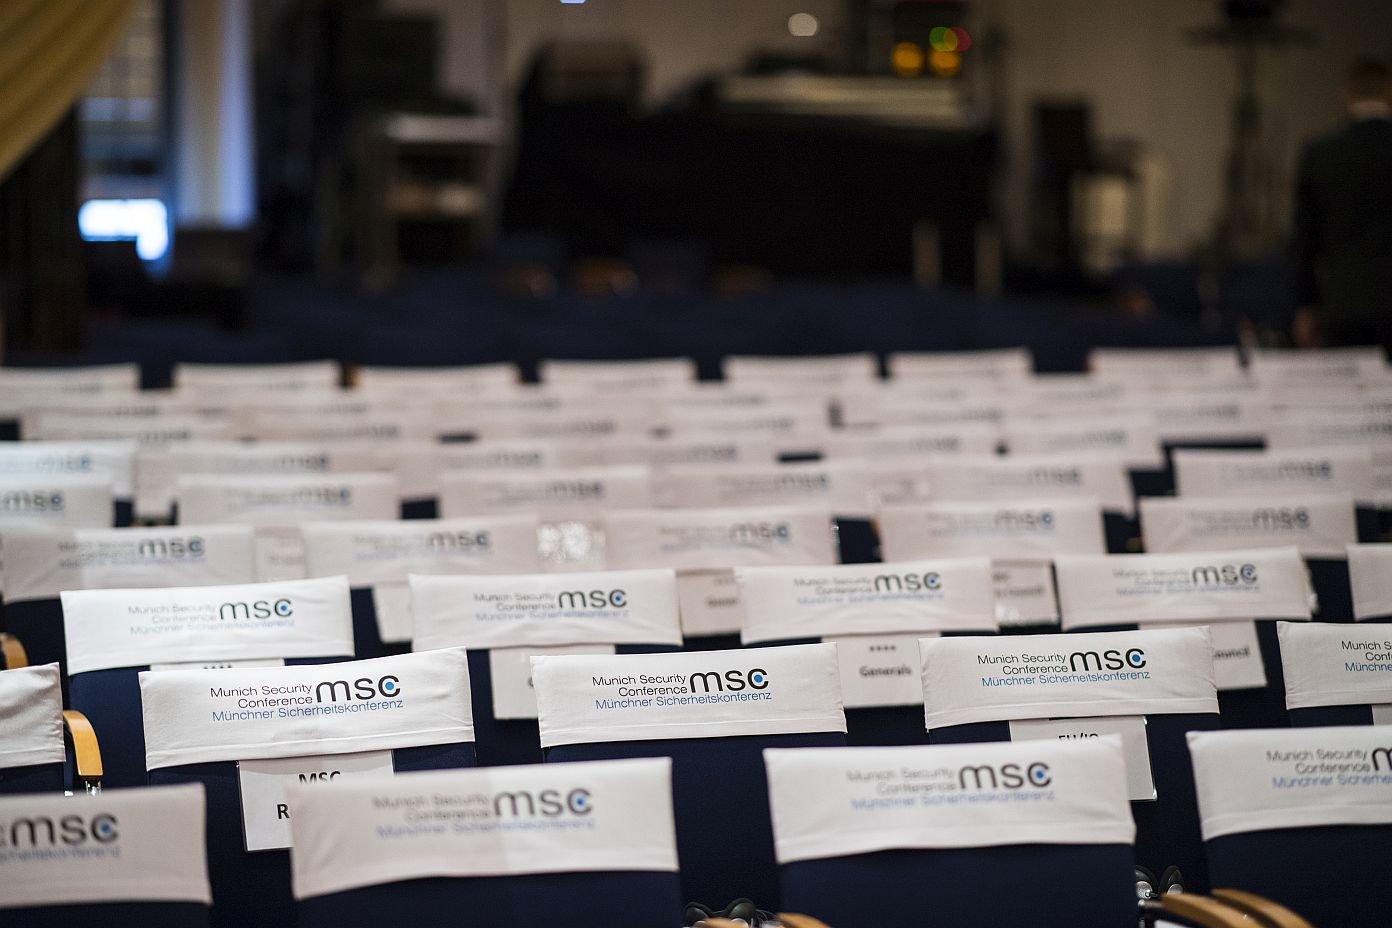 Руководитель Мюнхенской конференции побезопасности призвал Трампа менее твитить